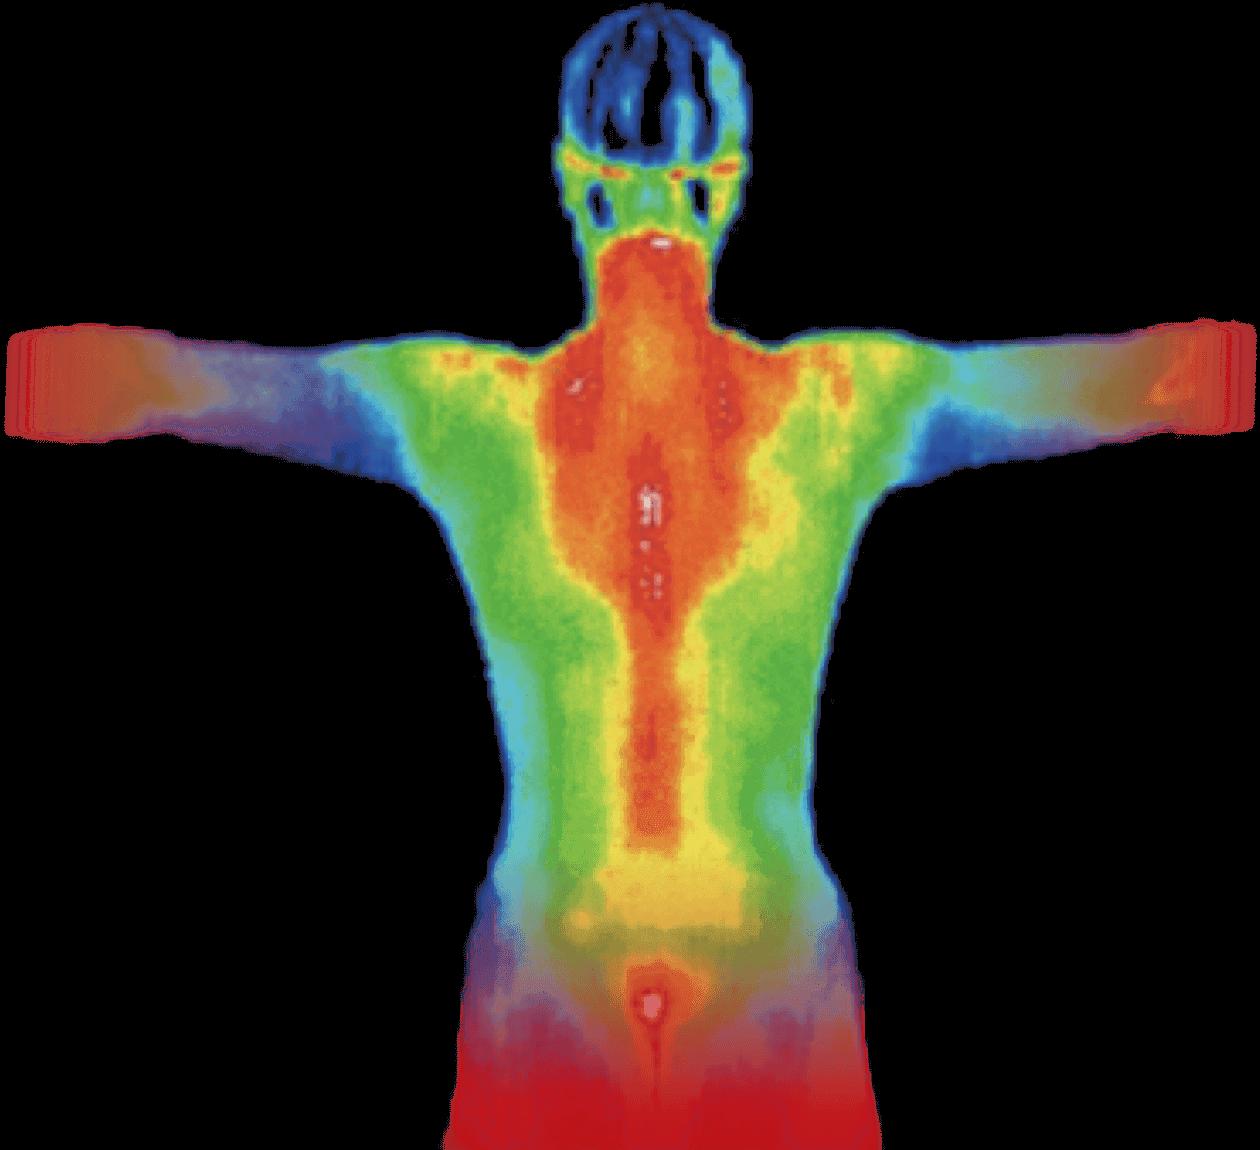 Heat map of a male torso.